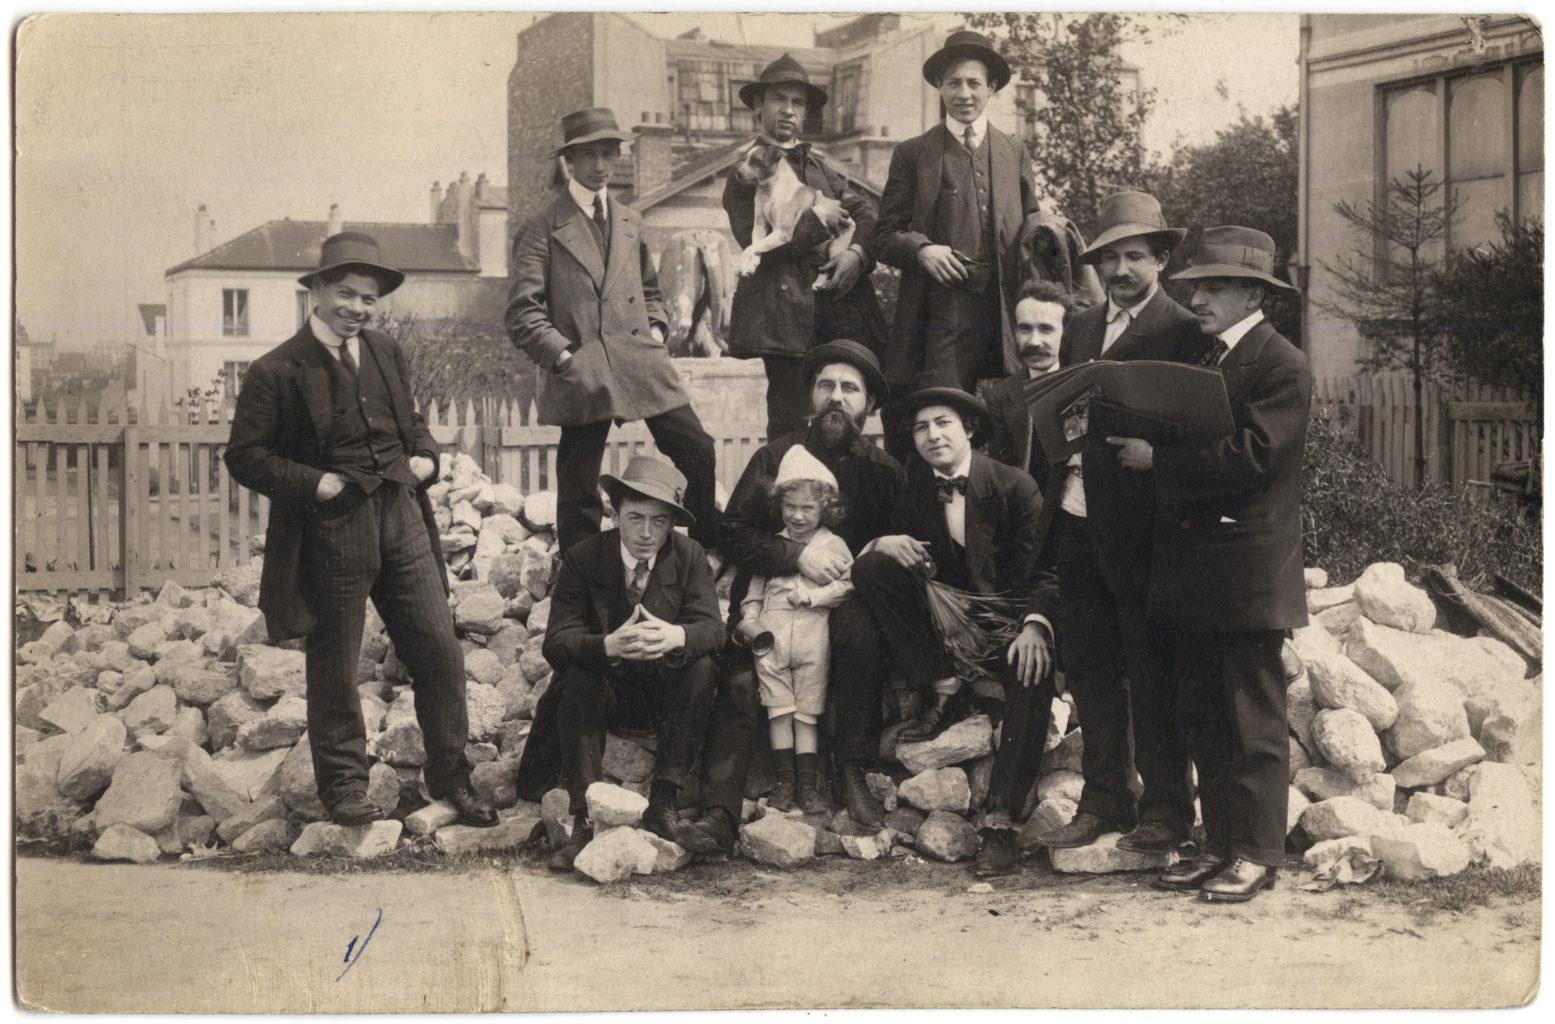 De nombreux artistes juifs ont vécu à la Ruche, dans le sud-ouest de Paris, au début du XXe siècle. / Crédit : Mahj